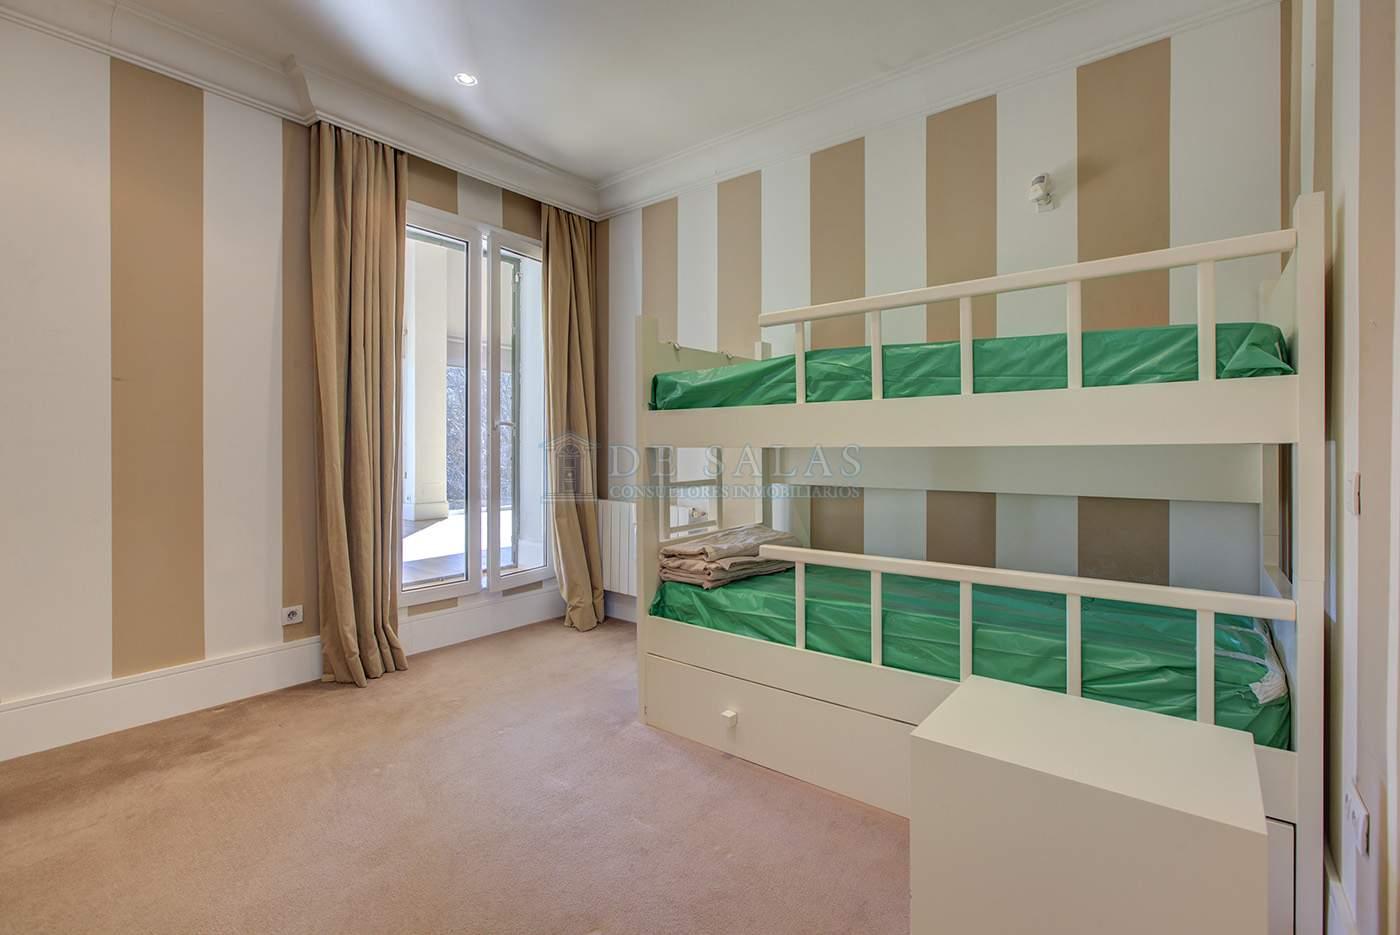 Dormitorio-IMG_9198_199_200 copia